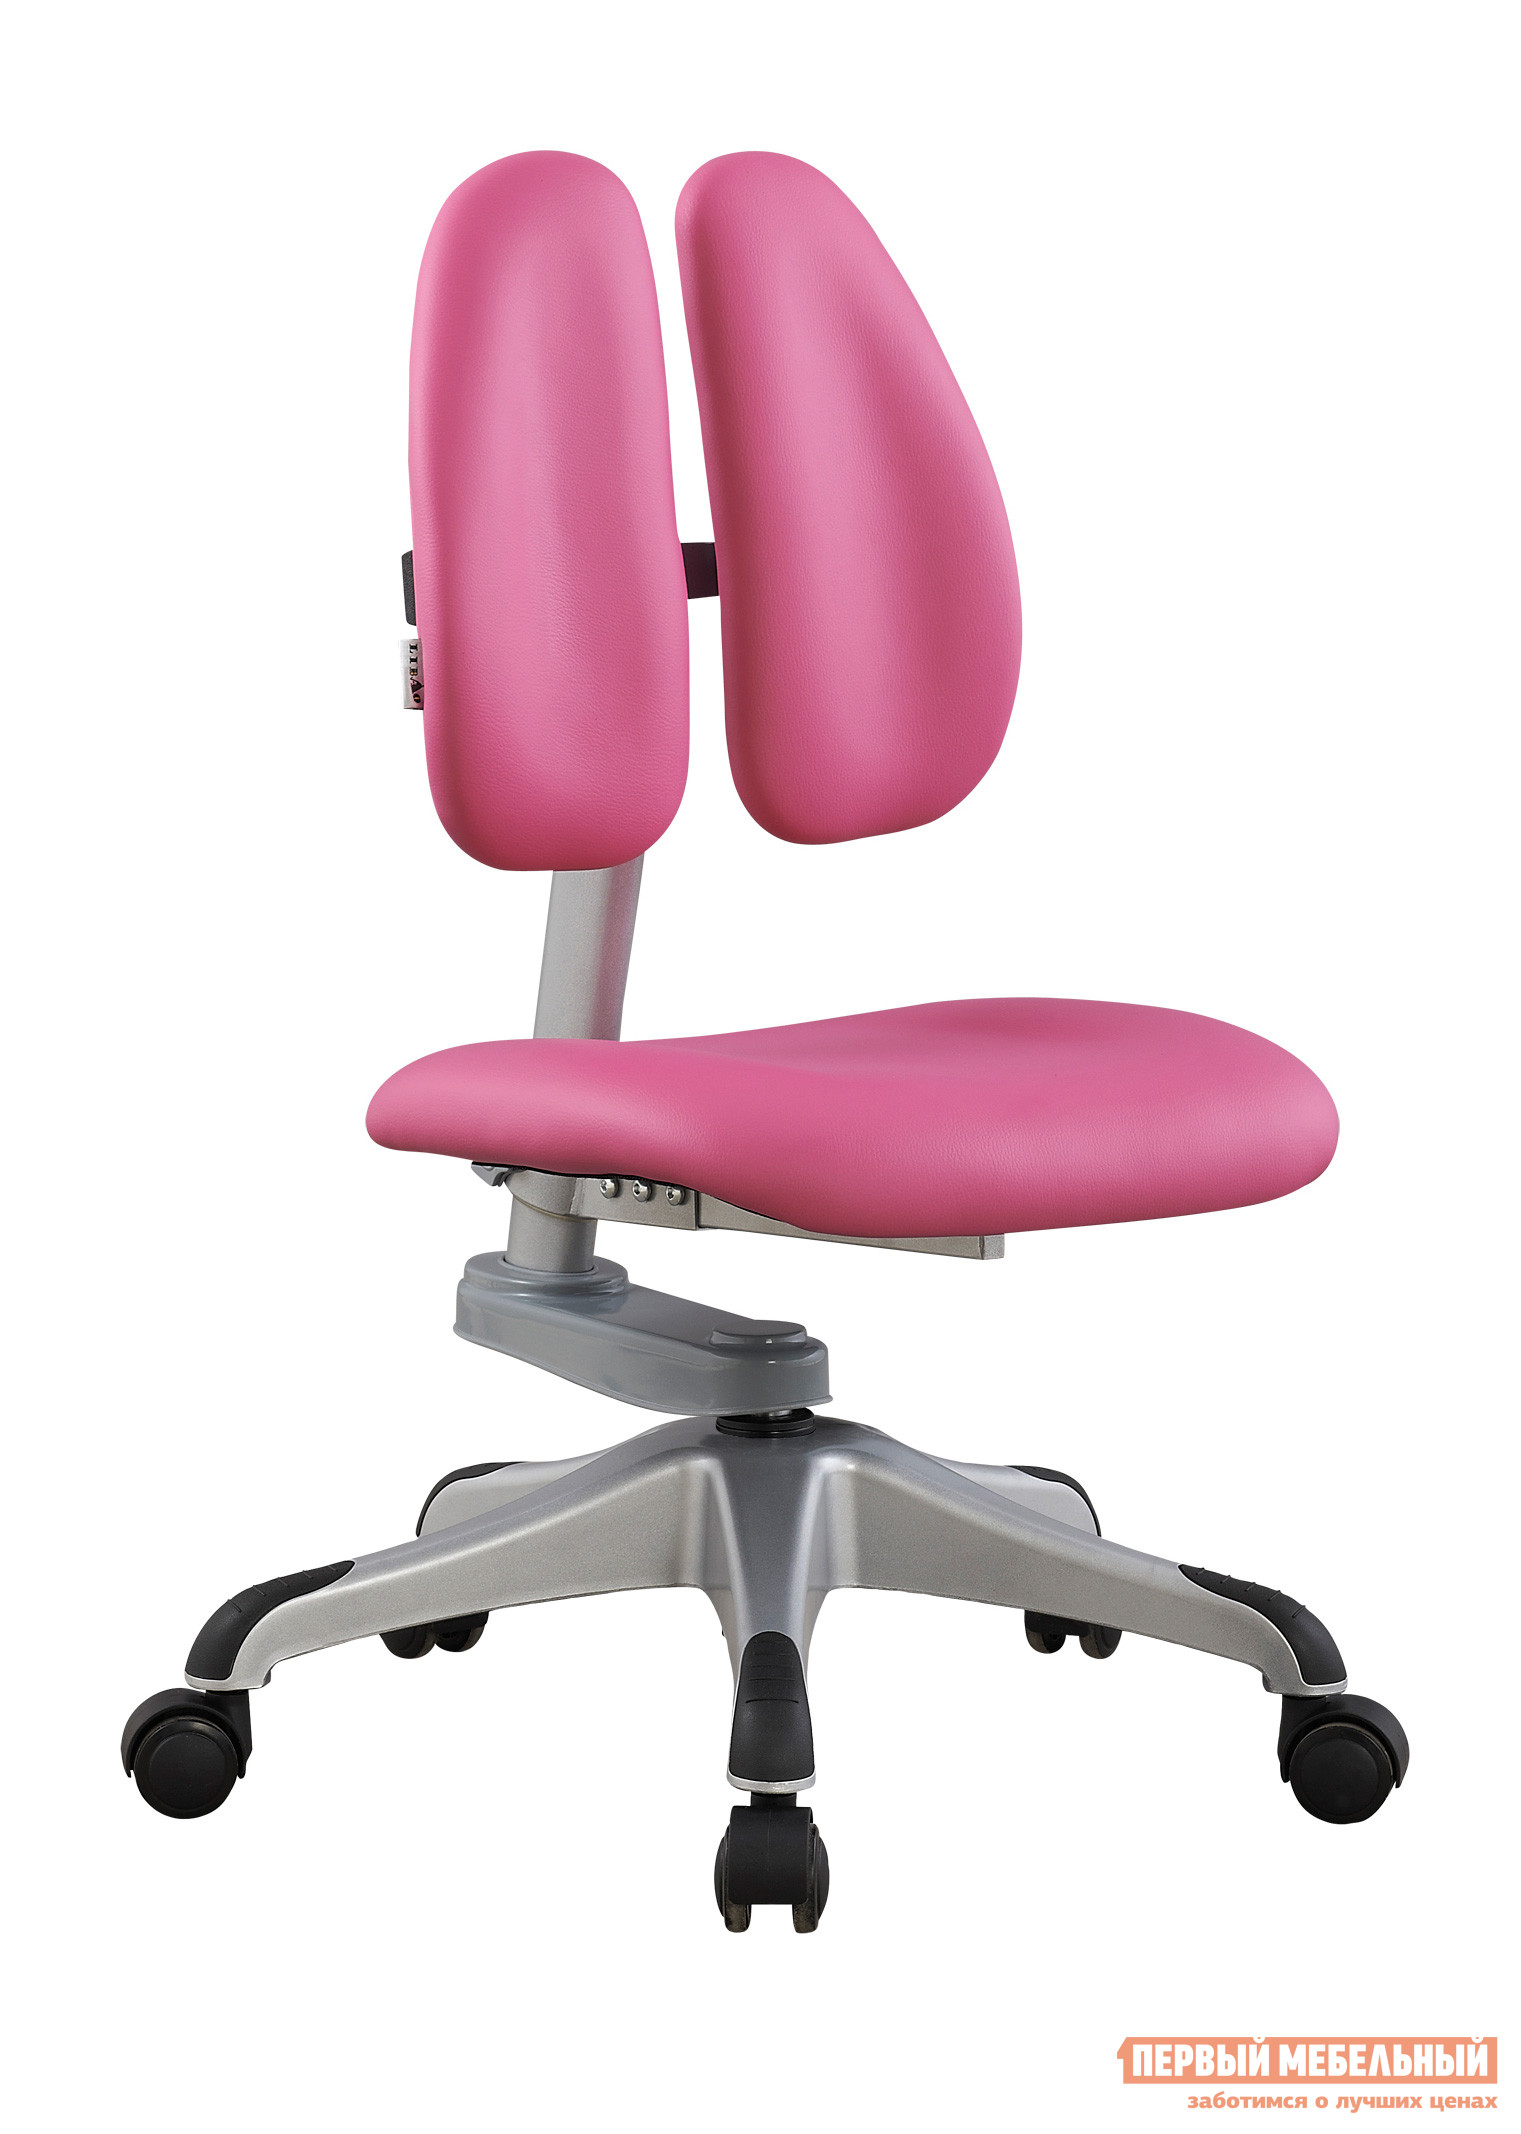 Компьютерное кресло Libao LB-C07 РозовыйКомпьютерные кресла детские<br>Габаритные размеры ВхШхГ 720 / 895x410x400 мм. Эргономичное детское кресло для учебы и творчества. Модель имеет все необходимые регулировки для настройки кресла именно под вашего ребенка, обеспечивая правильное положение спины и осанки во время занятий.  Варианты цвета обивки позволят выбрать кресло практически под любой интерьер. Высота спинки поднимается с 385 мм до 560 мм, что позволит настраивать кресло по мере роста ребенка. Высота от пола до сидения — 330/530 мм. Обивка кресла выполнена из экокожи, крестовина — пластик, каркас металлический. Амортизированные колеса имеют механизм фиксации под весом человека. Максимальная нагрузка на кресло — 100 кг.<br><br>Цвет: Розовый<br>Высота мм: 720 / 895<br>Ширина мм: 410<br>Глубина мм: 400<br>Кол-во упаковок: 1<br>Форма поставки: В разобранном виде<br>Срок гарантии: 1 год<br>Тип: До 80 кг<br>Тип: До 100 кг<br>Тип: Регулируемые по высоте<br>Назначение: Для дома<br>Назначение: Для школьников<br>Материал: Кожа<br>Размер: Маленькие<br>Эргономичные: Да<br>На колесиках: Да<br>Без подлокотников: Да<br>Duorest: Да<br>Ортопедические: Да<br>С низкой спинкой: Да<br>Пол: Для девочек<br>Пол: Для мальчиков